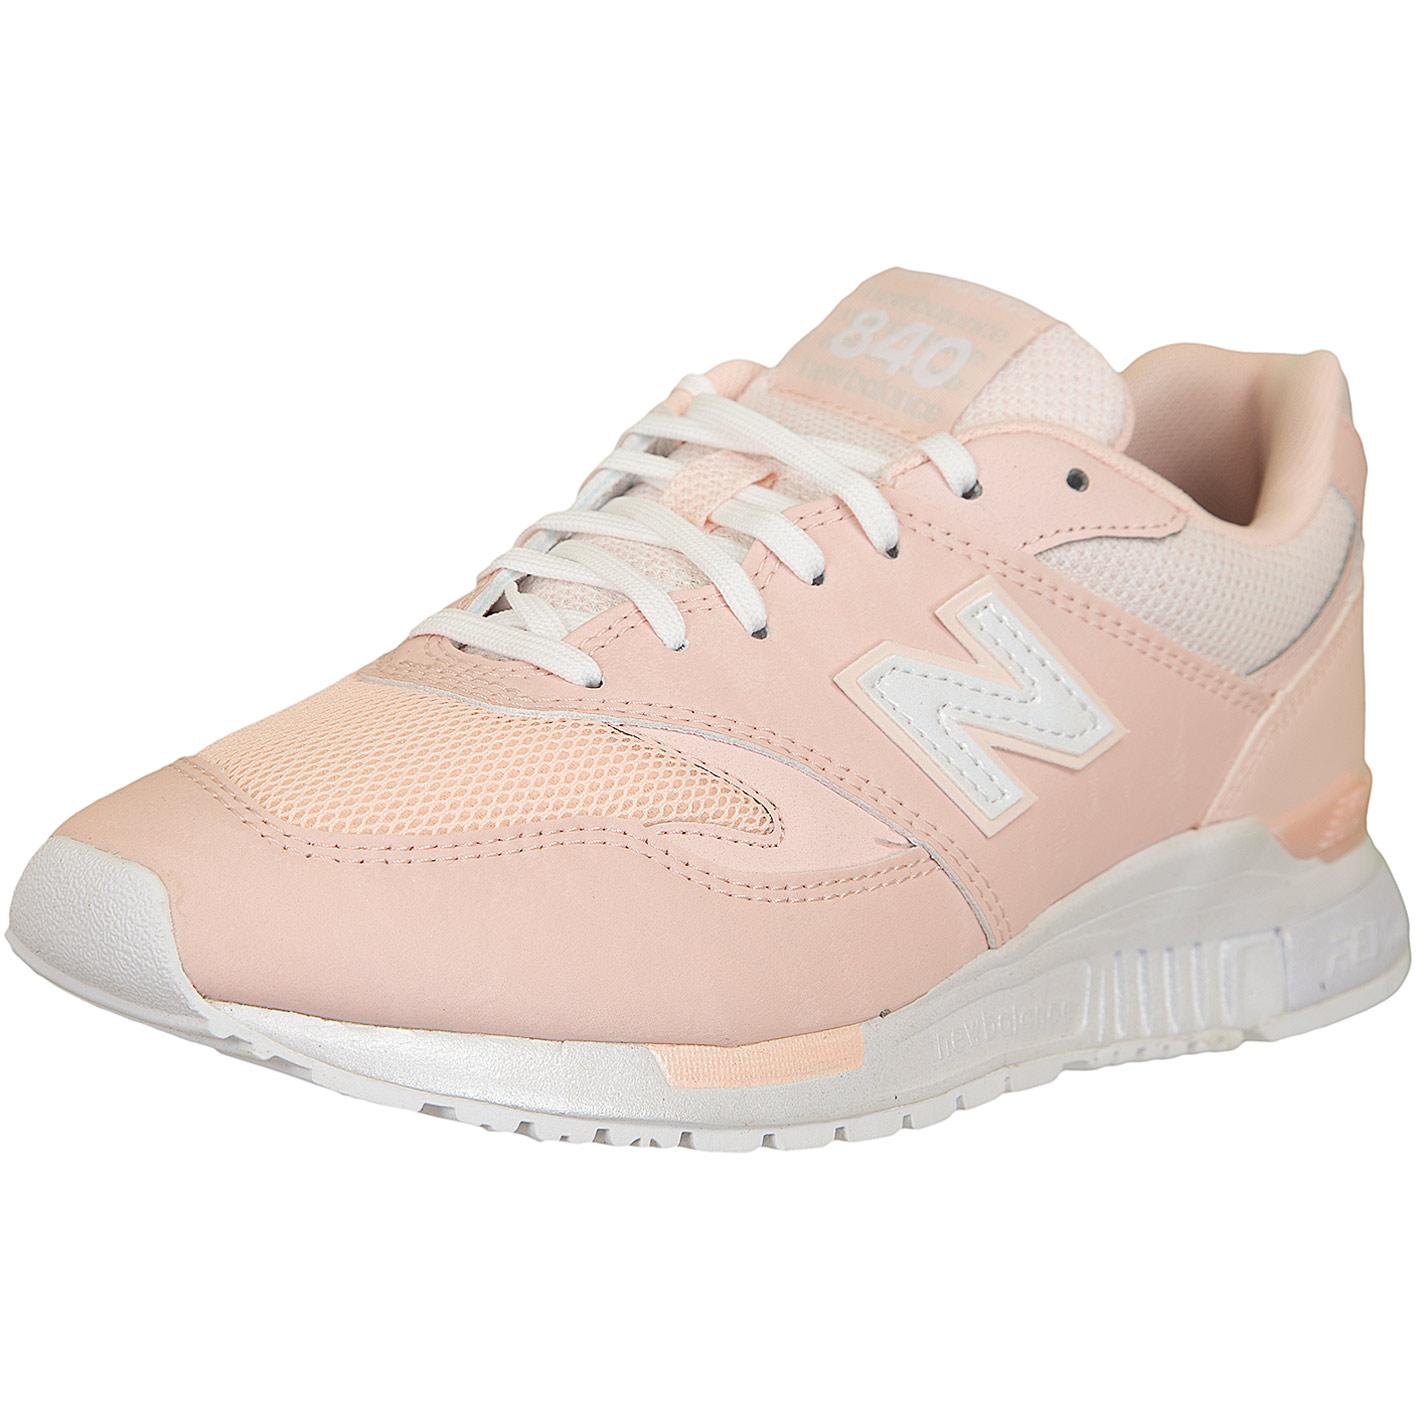 New Balance Damen Sneaker 840 Synthetik/Textil rosa